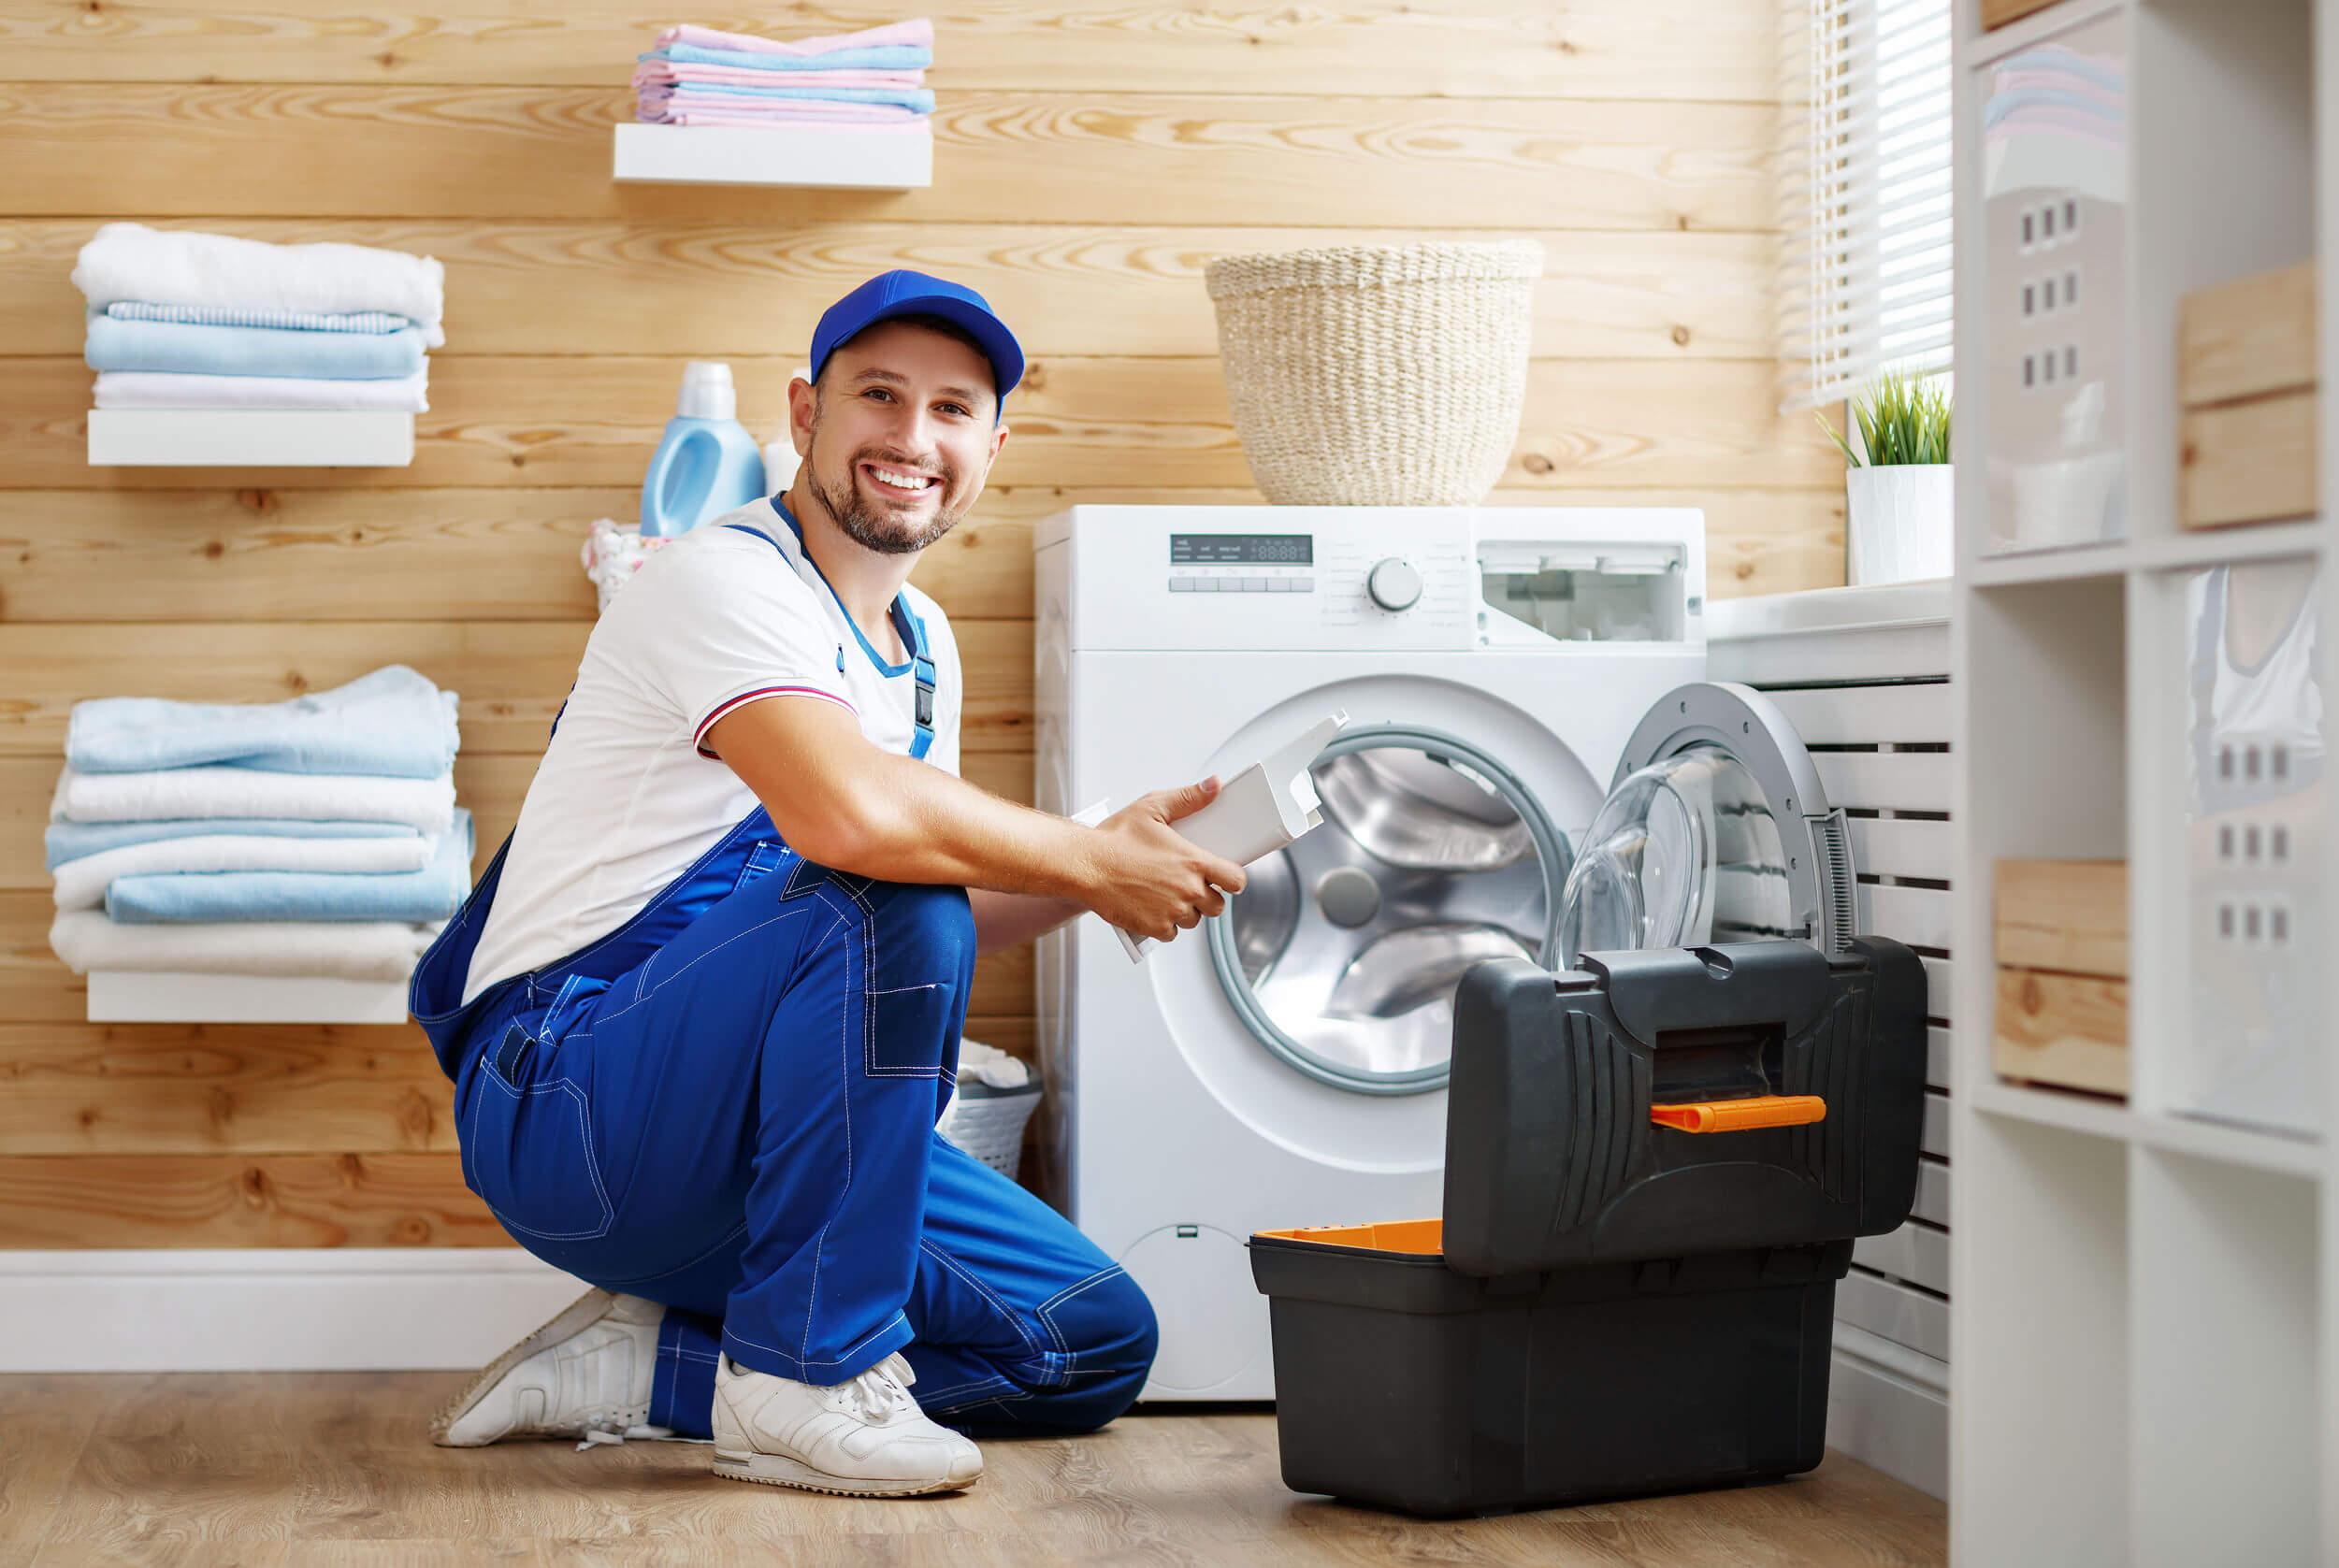 Trung tâm sửa máy giặt tại An Bình Dĩ An